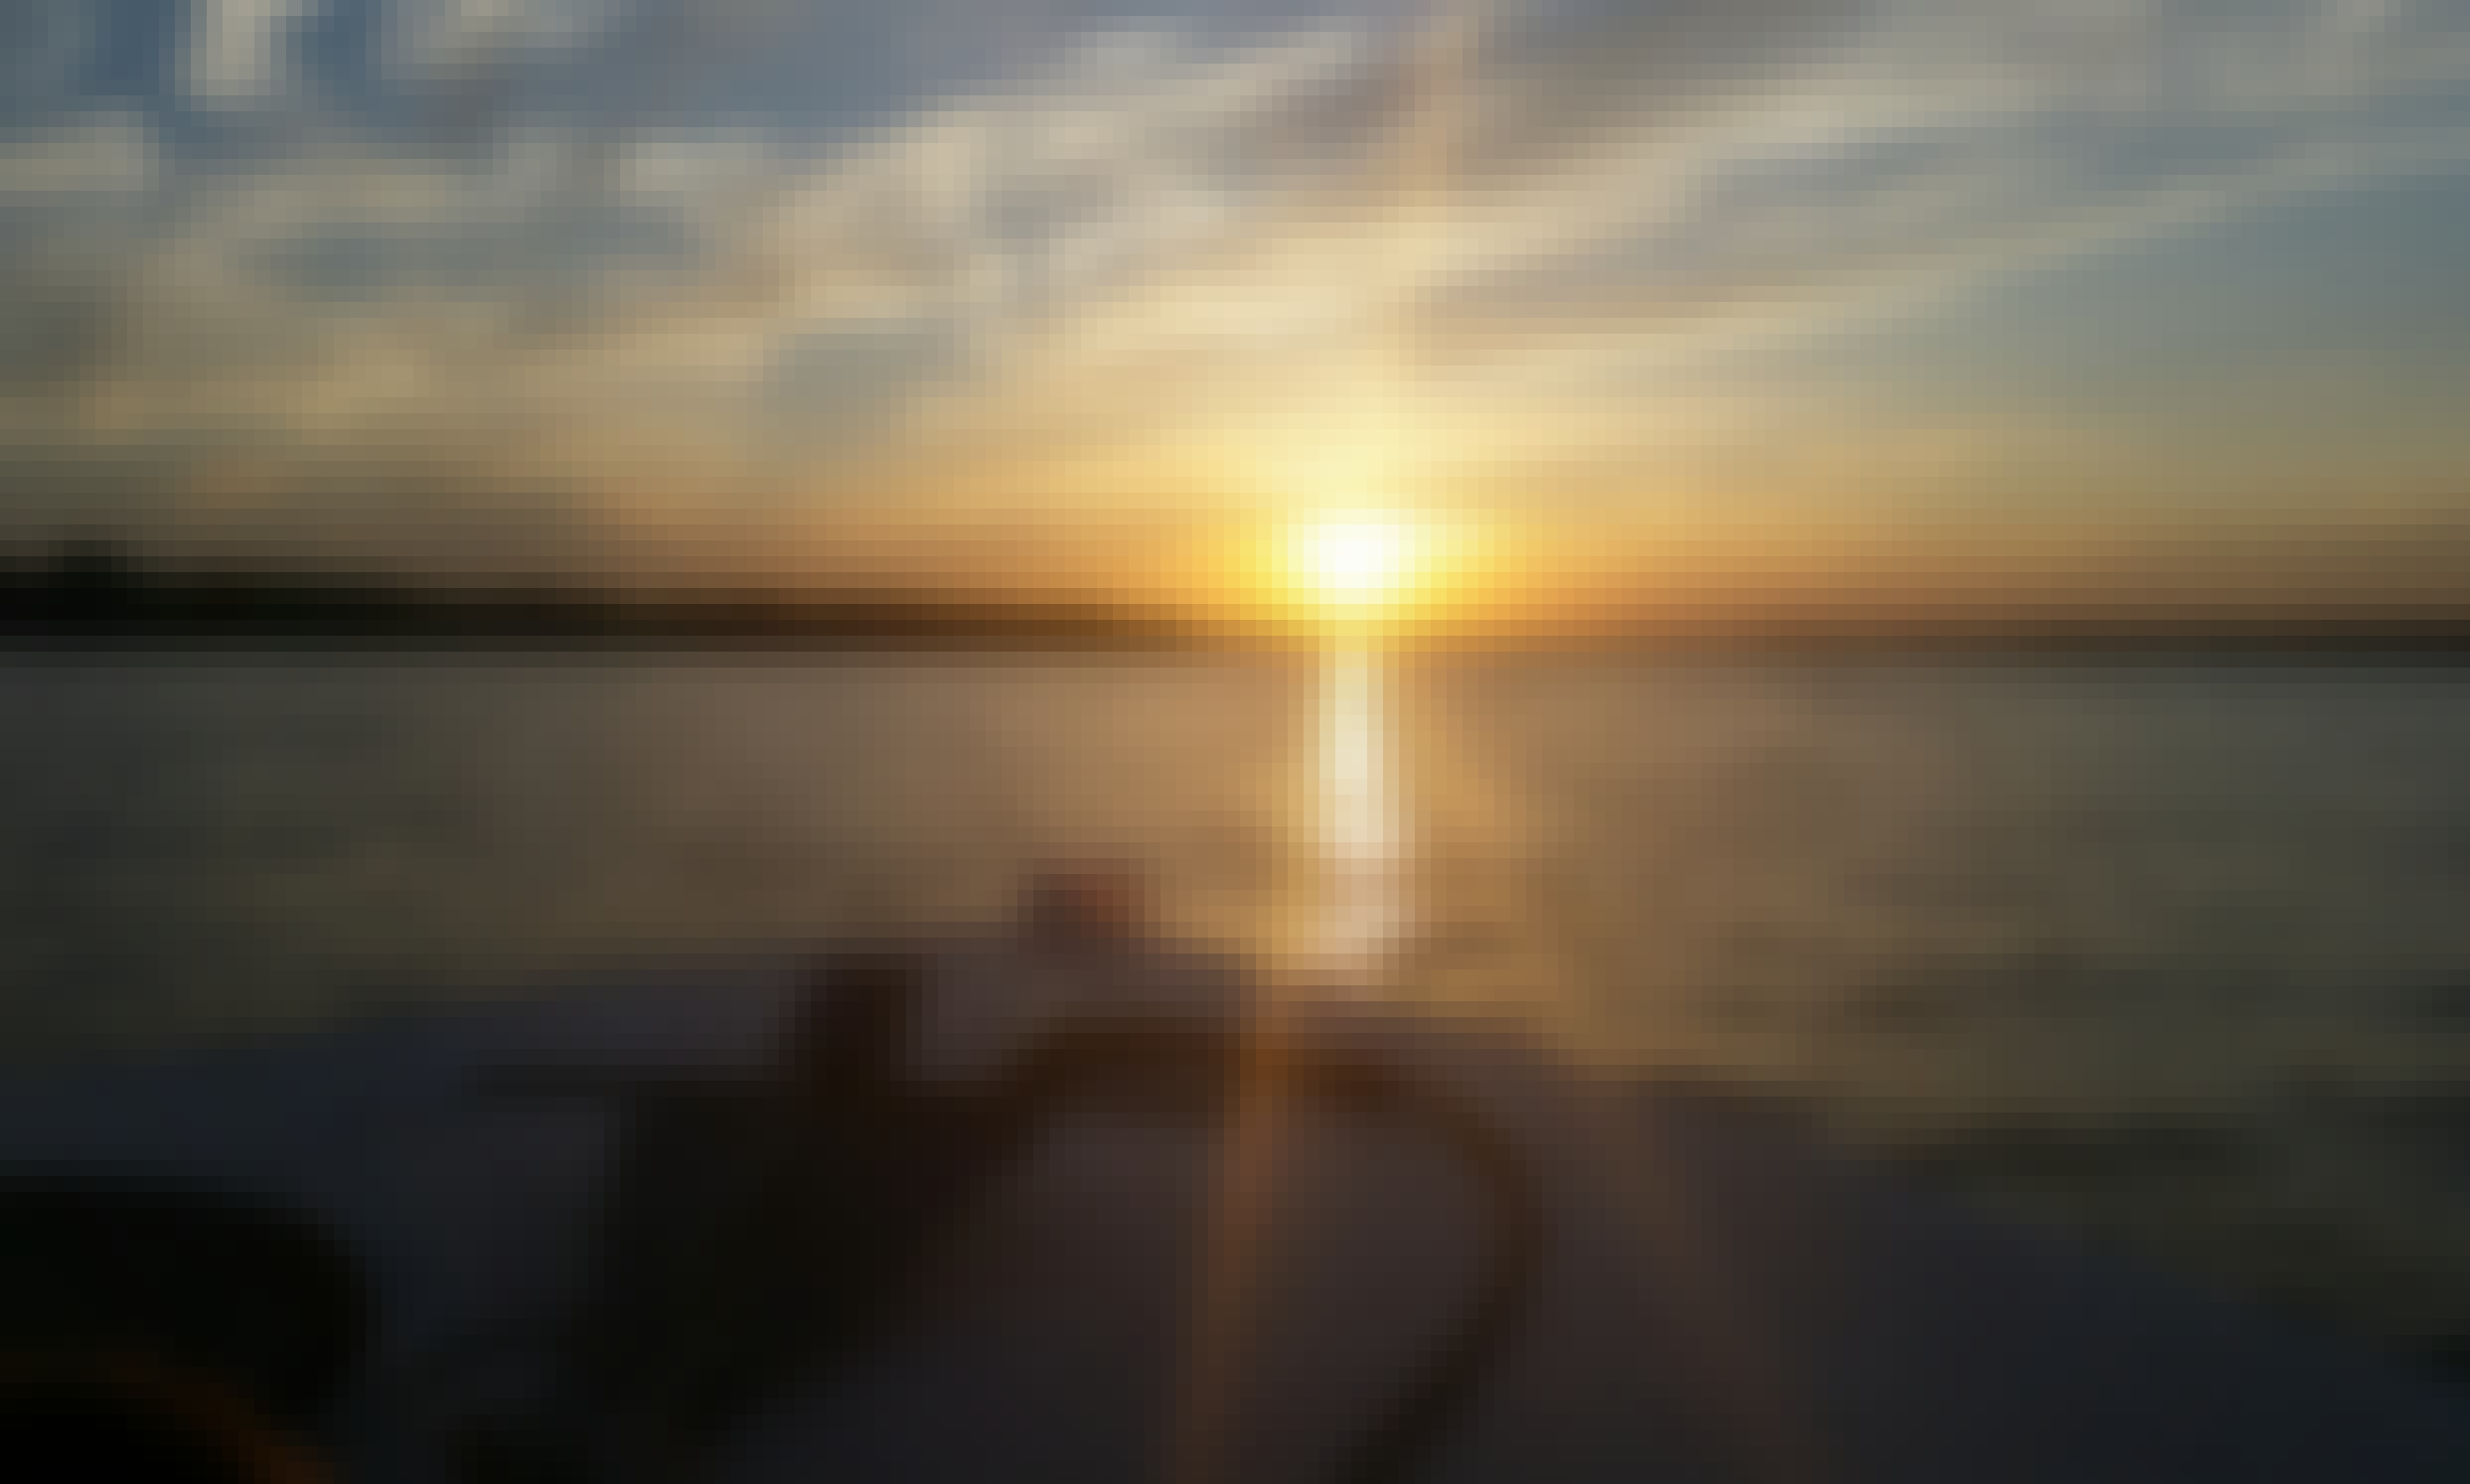 Passenger Boat Rental in North Tonawanda